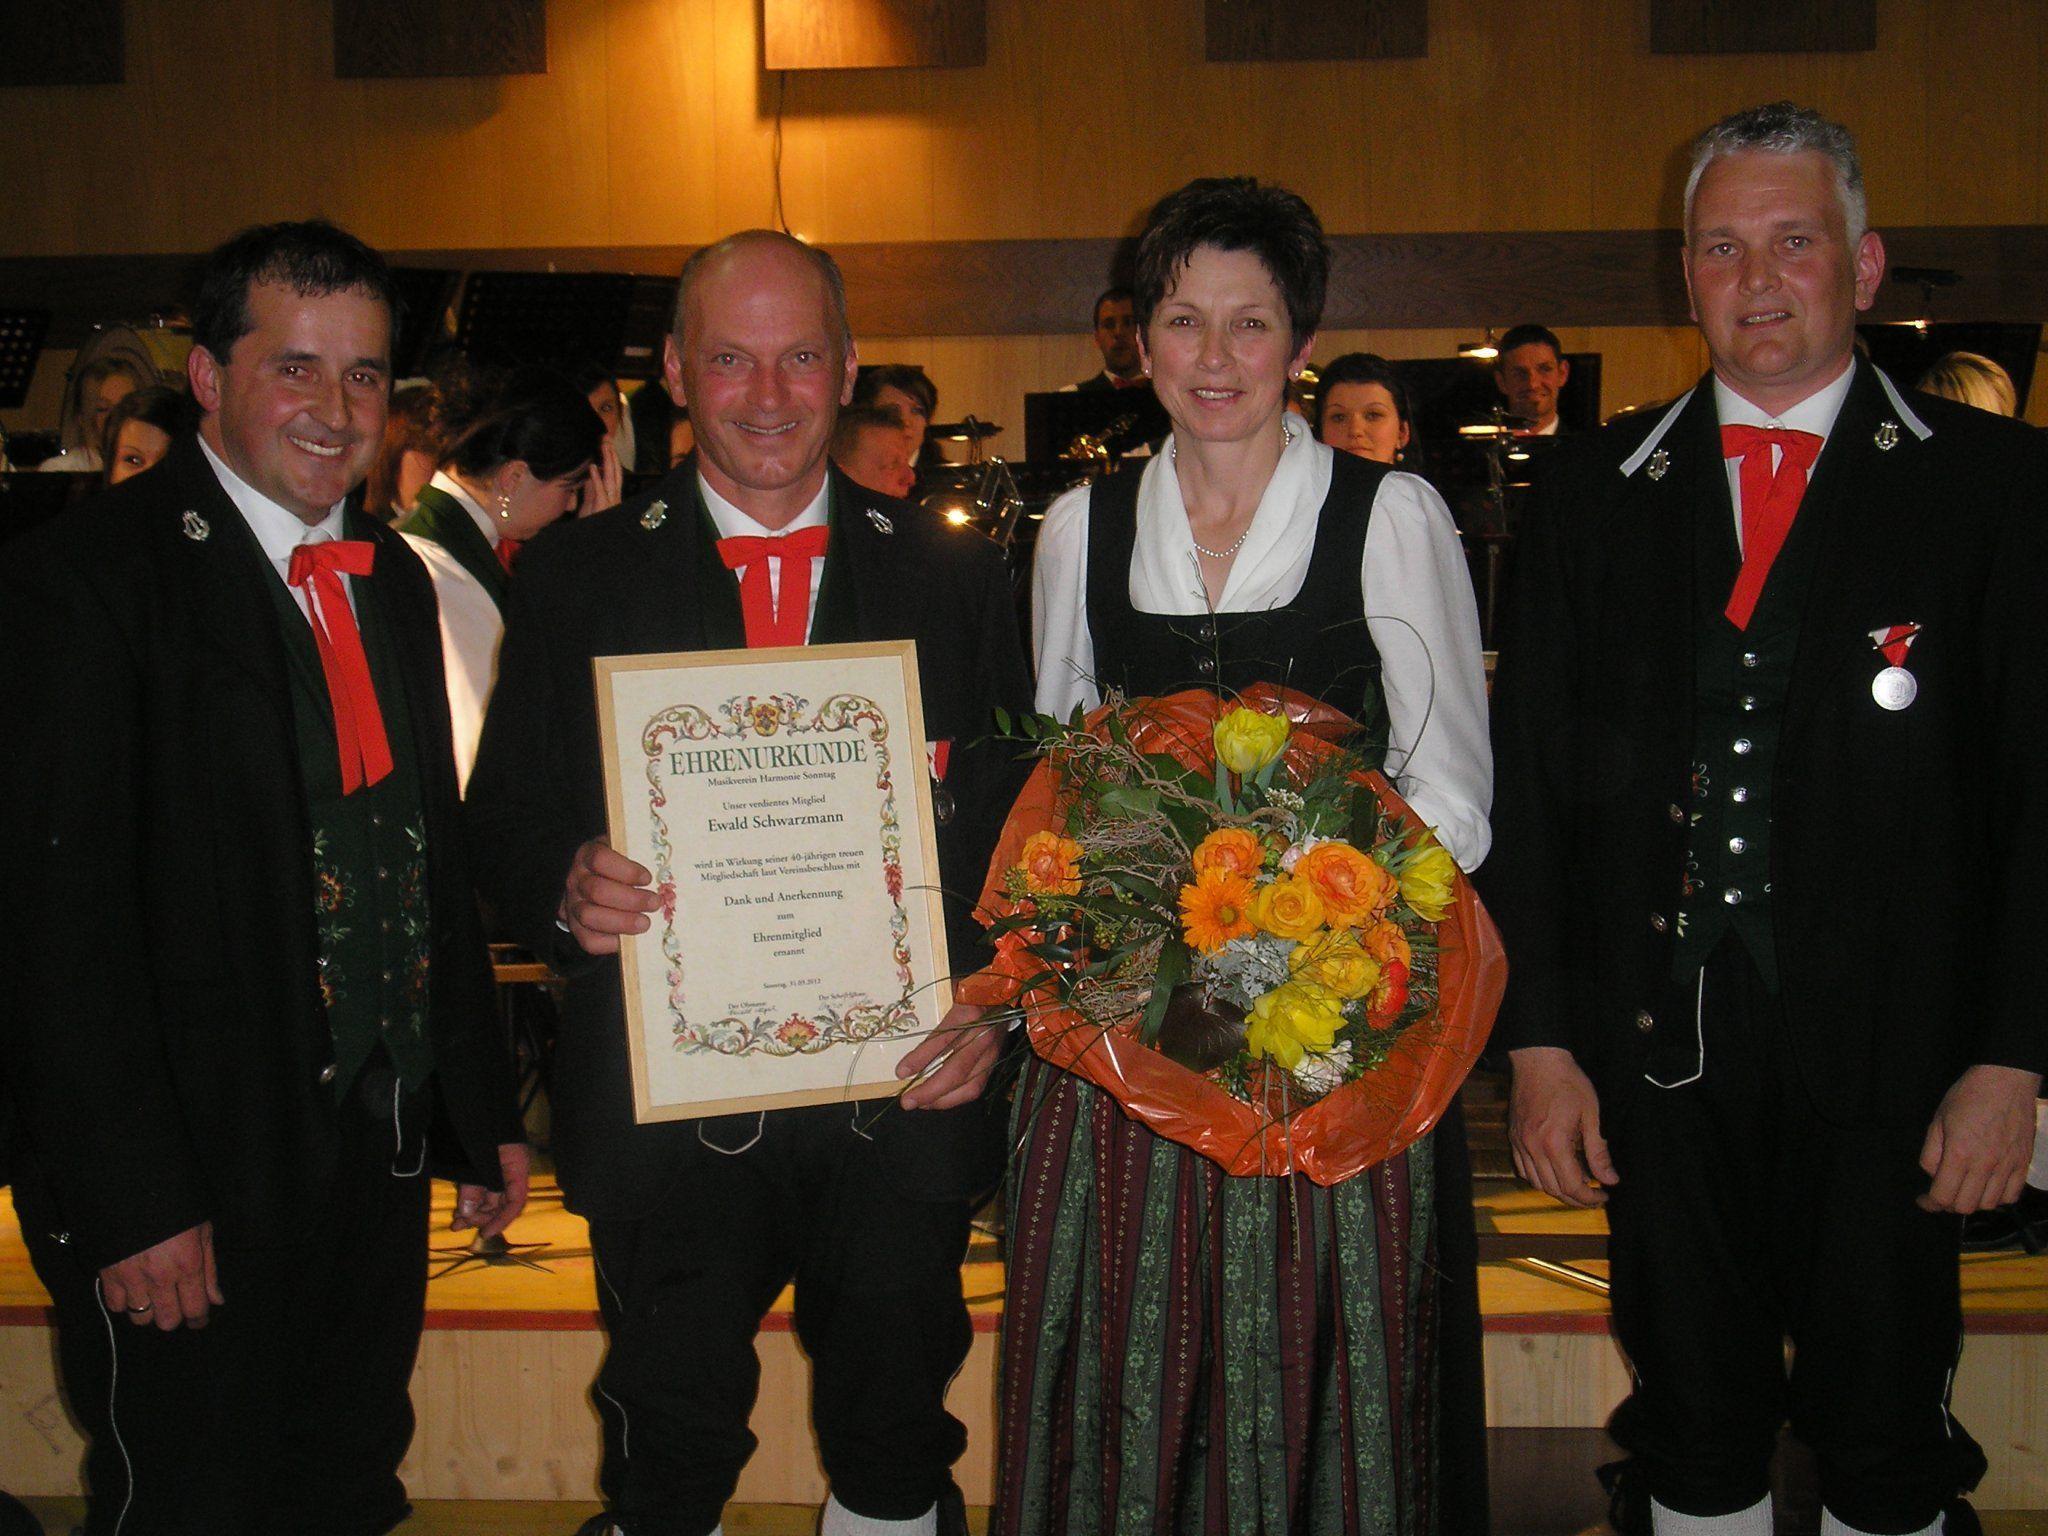 Obmann Harald Nigsch gratuliert Ewald Schwarzmann zu seinem 40- jährigen Jubiläum.    -     v.l.n.r. Harald Nigsch, Ewald mit Andrea Schwarzmann, Oliver Burtscher